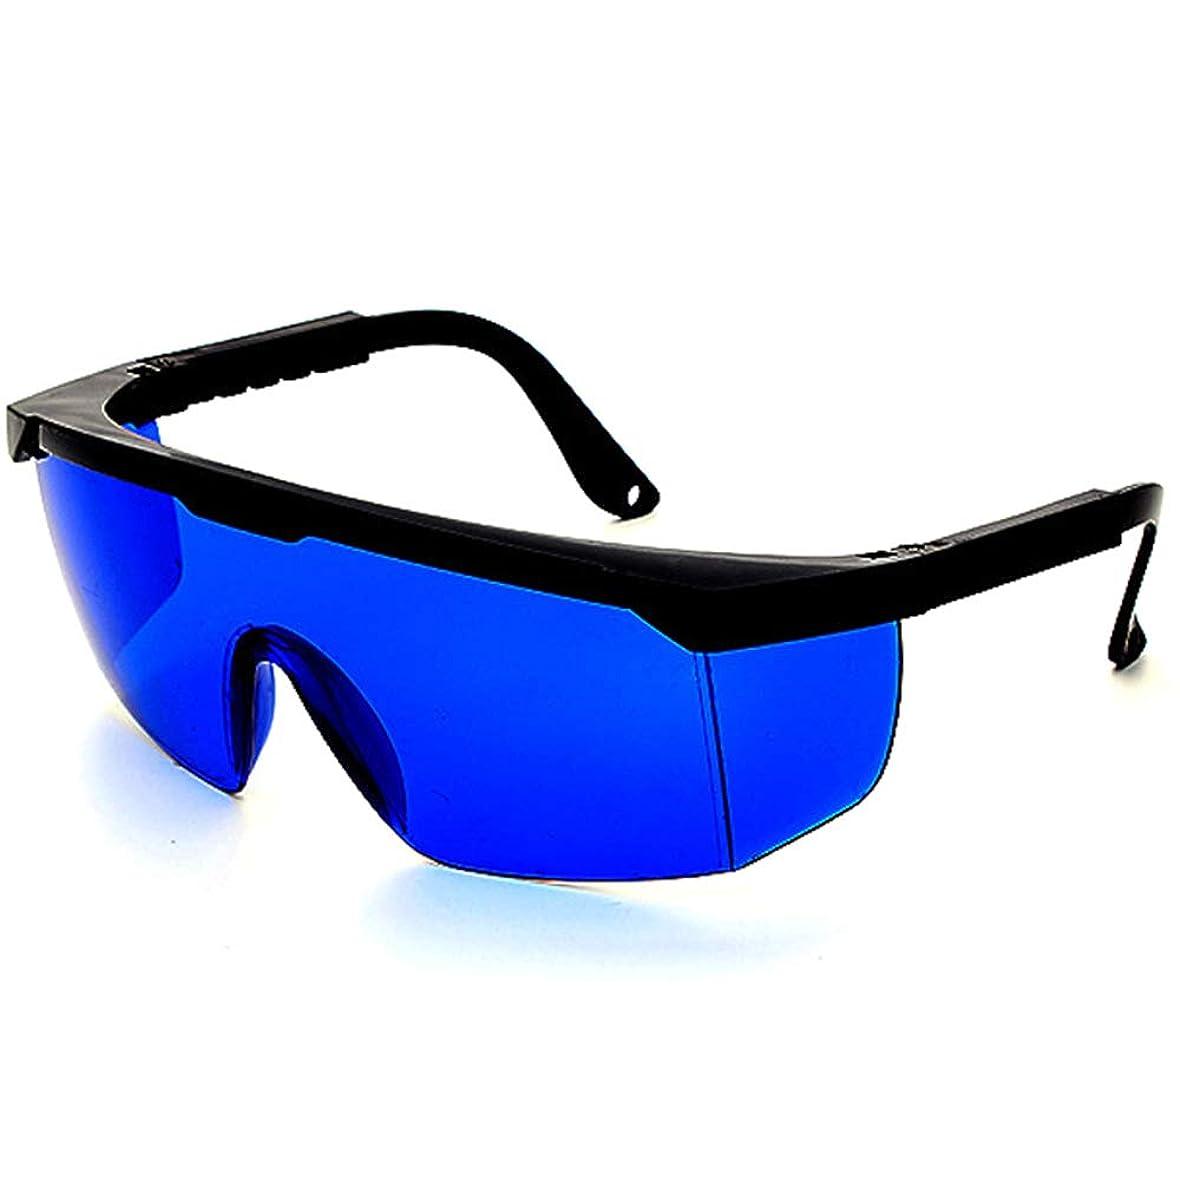 拍車葉っぱソースレーザー保護メガネIPL美容機器メガネ、レーザーメガネ - 2組のパルス光保護メガネ。